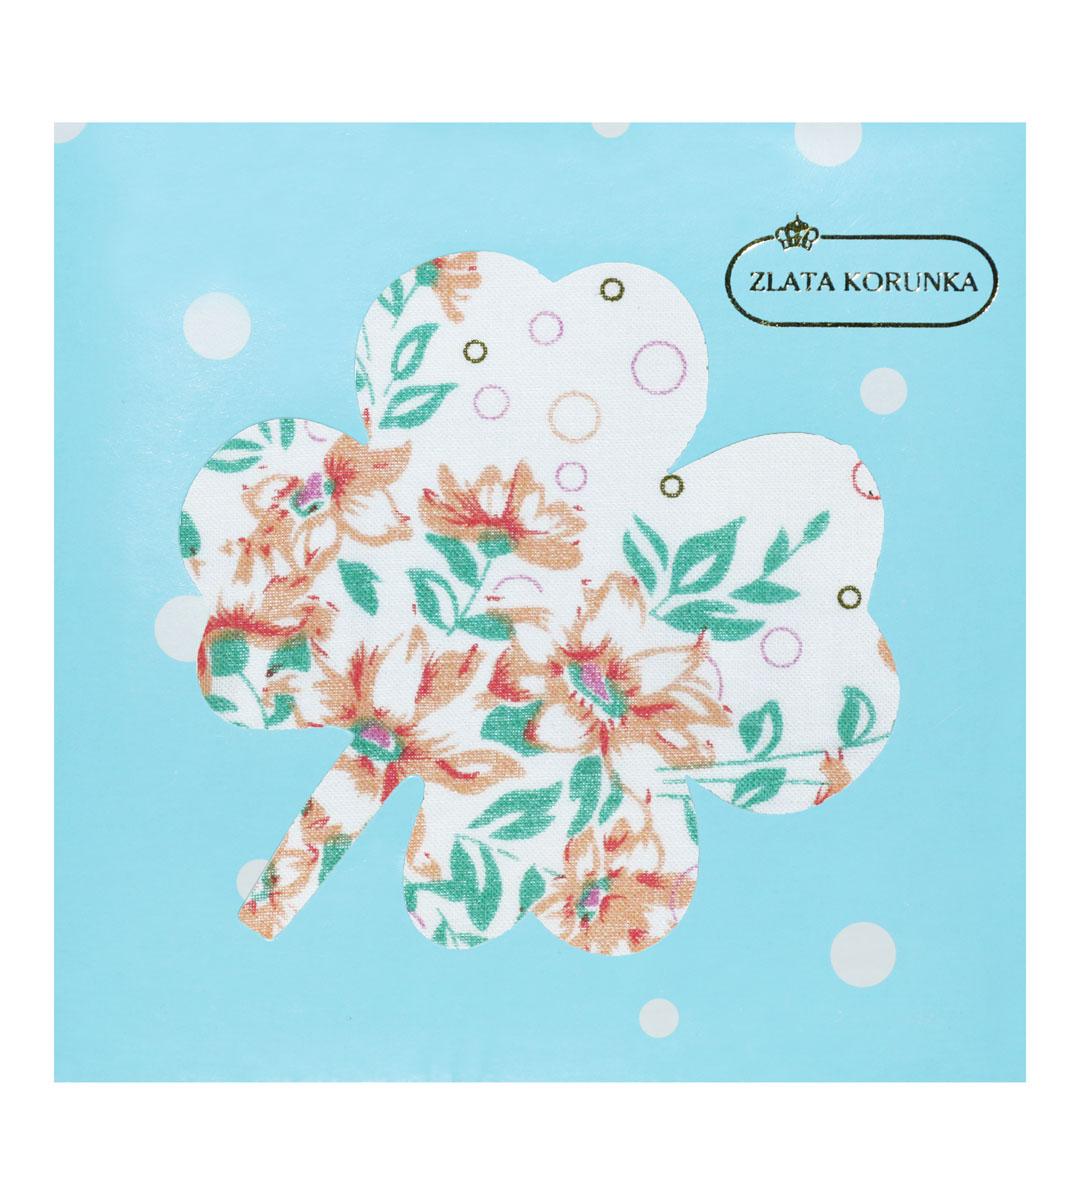 Платок носовой женский Zlata Korunka, цвет: белый. 90126-23. Размер 28 см х 28 см90126-23Оригинальный женский носовой платок Zlata Korunka изготовлен из высококачественного натурального хлопка, благодаря чему приятен в использовании, хорошо стирается, не садится и отлично впитывает влагу. Практичный и изящный носовой платок будет незаменим в повседневной жизни любого современного человека. Такой платок послужит стильным аксессуаром и подчеркнет ваше превосходное чувство вкуса.